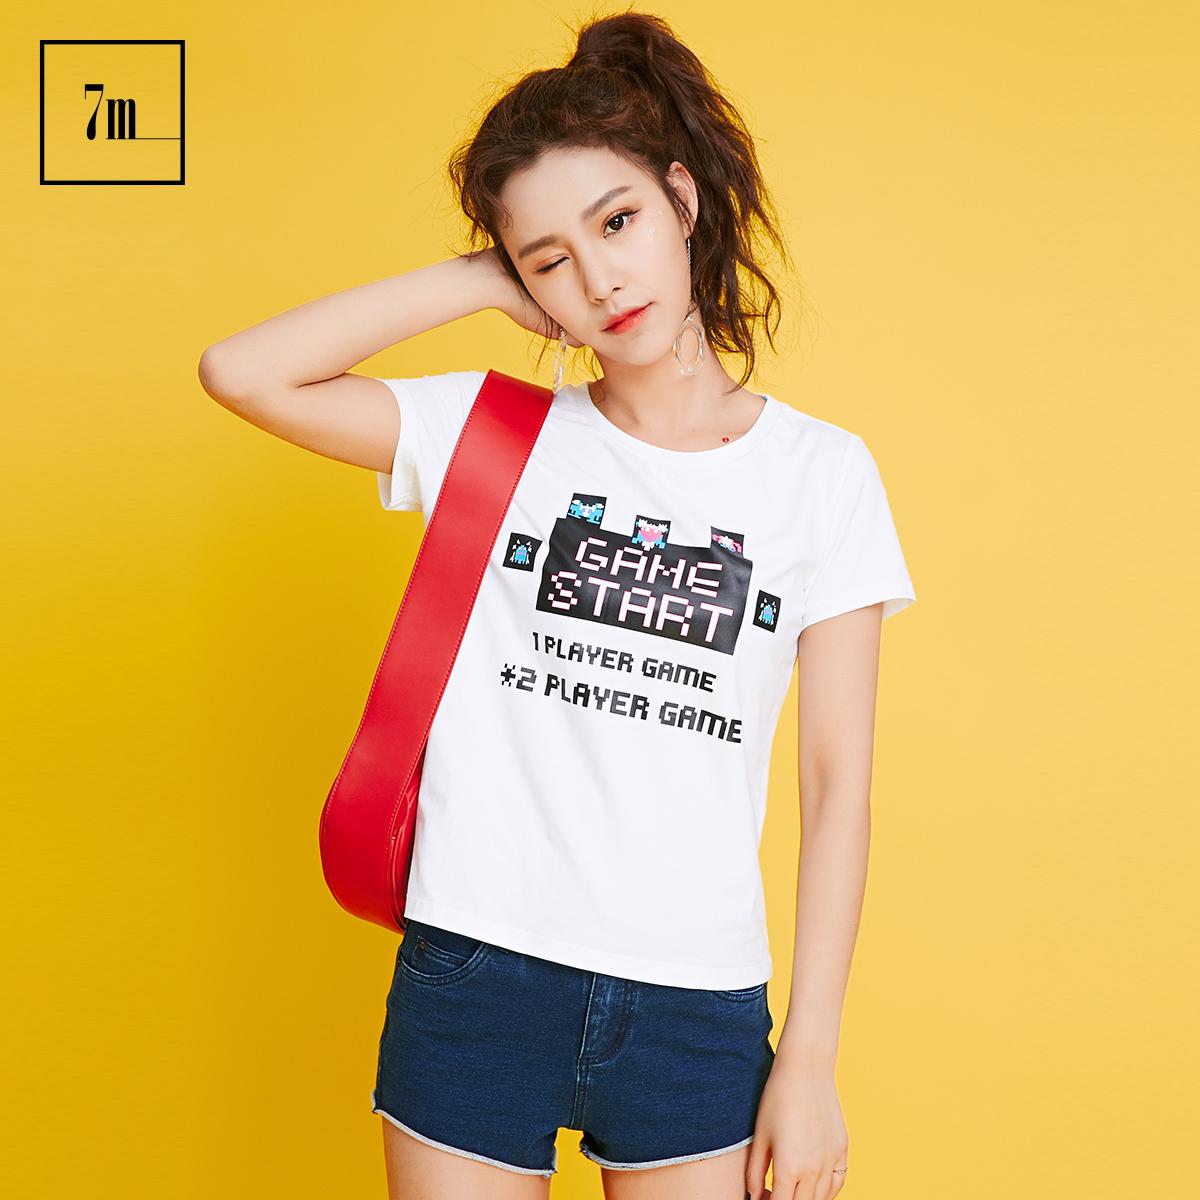 印花韩版拉夏贝尔7m2018夏装新款圆领宽松百搭白色短袖上衣T恤女